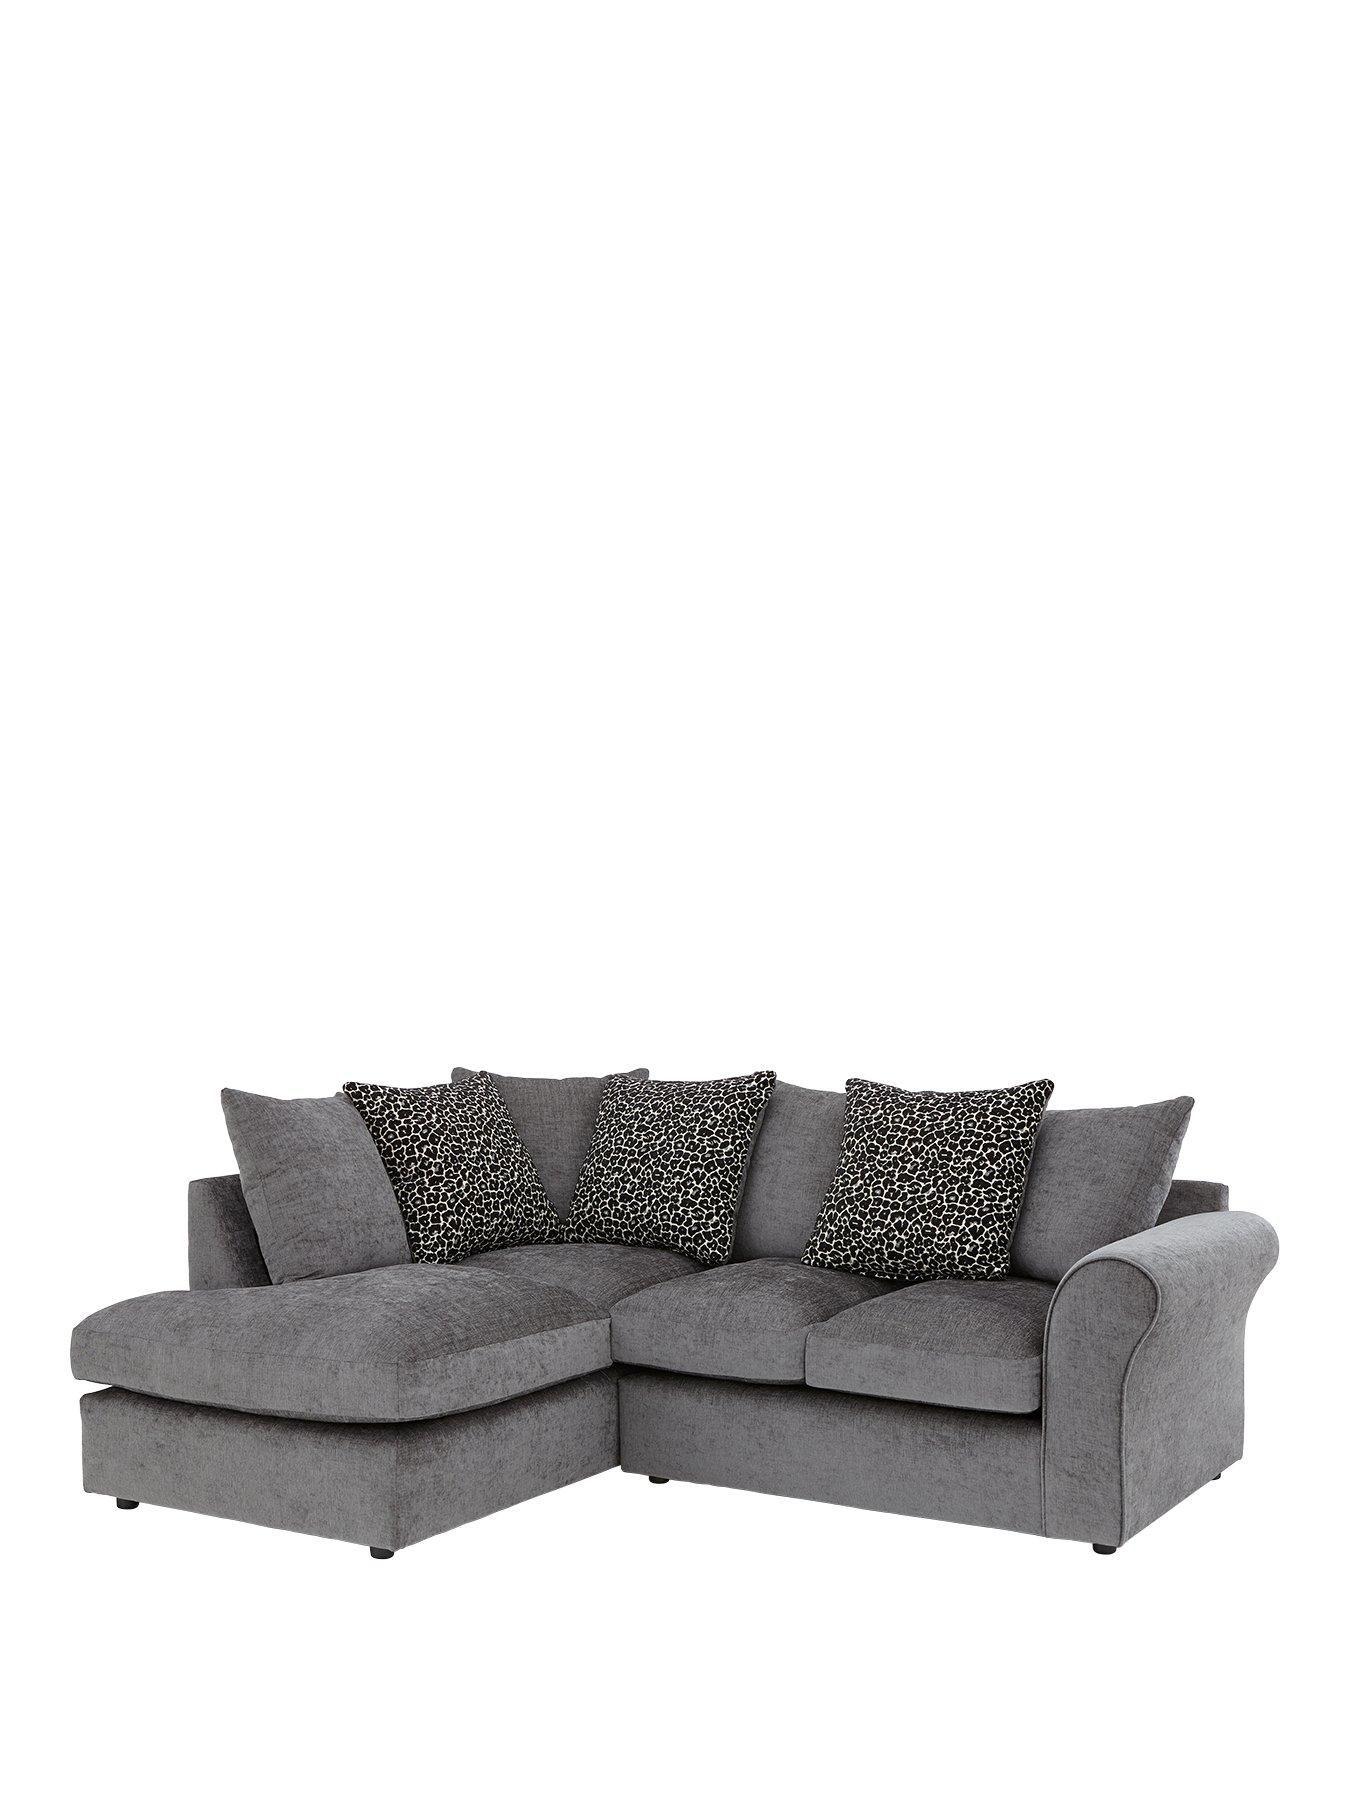 Nala Left Hand Fabric Corner Chaise Sofa Very Co Uk